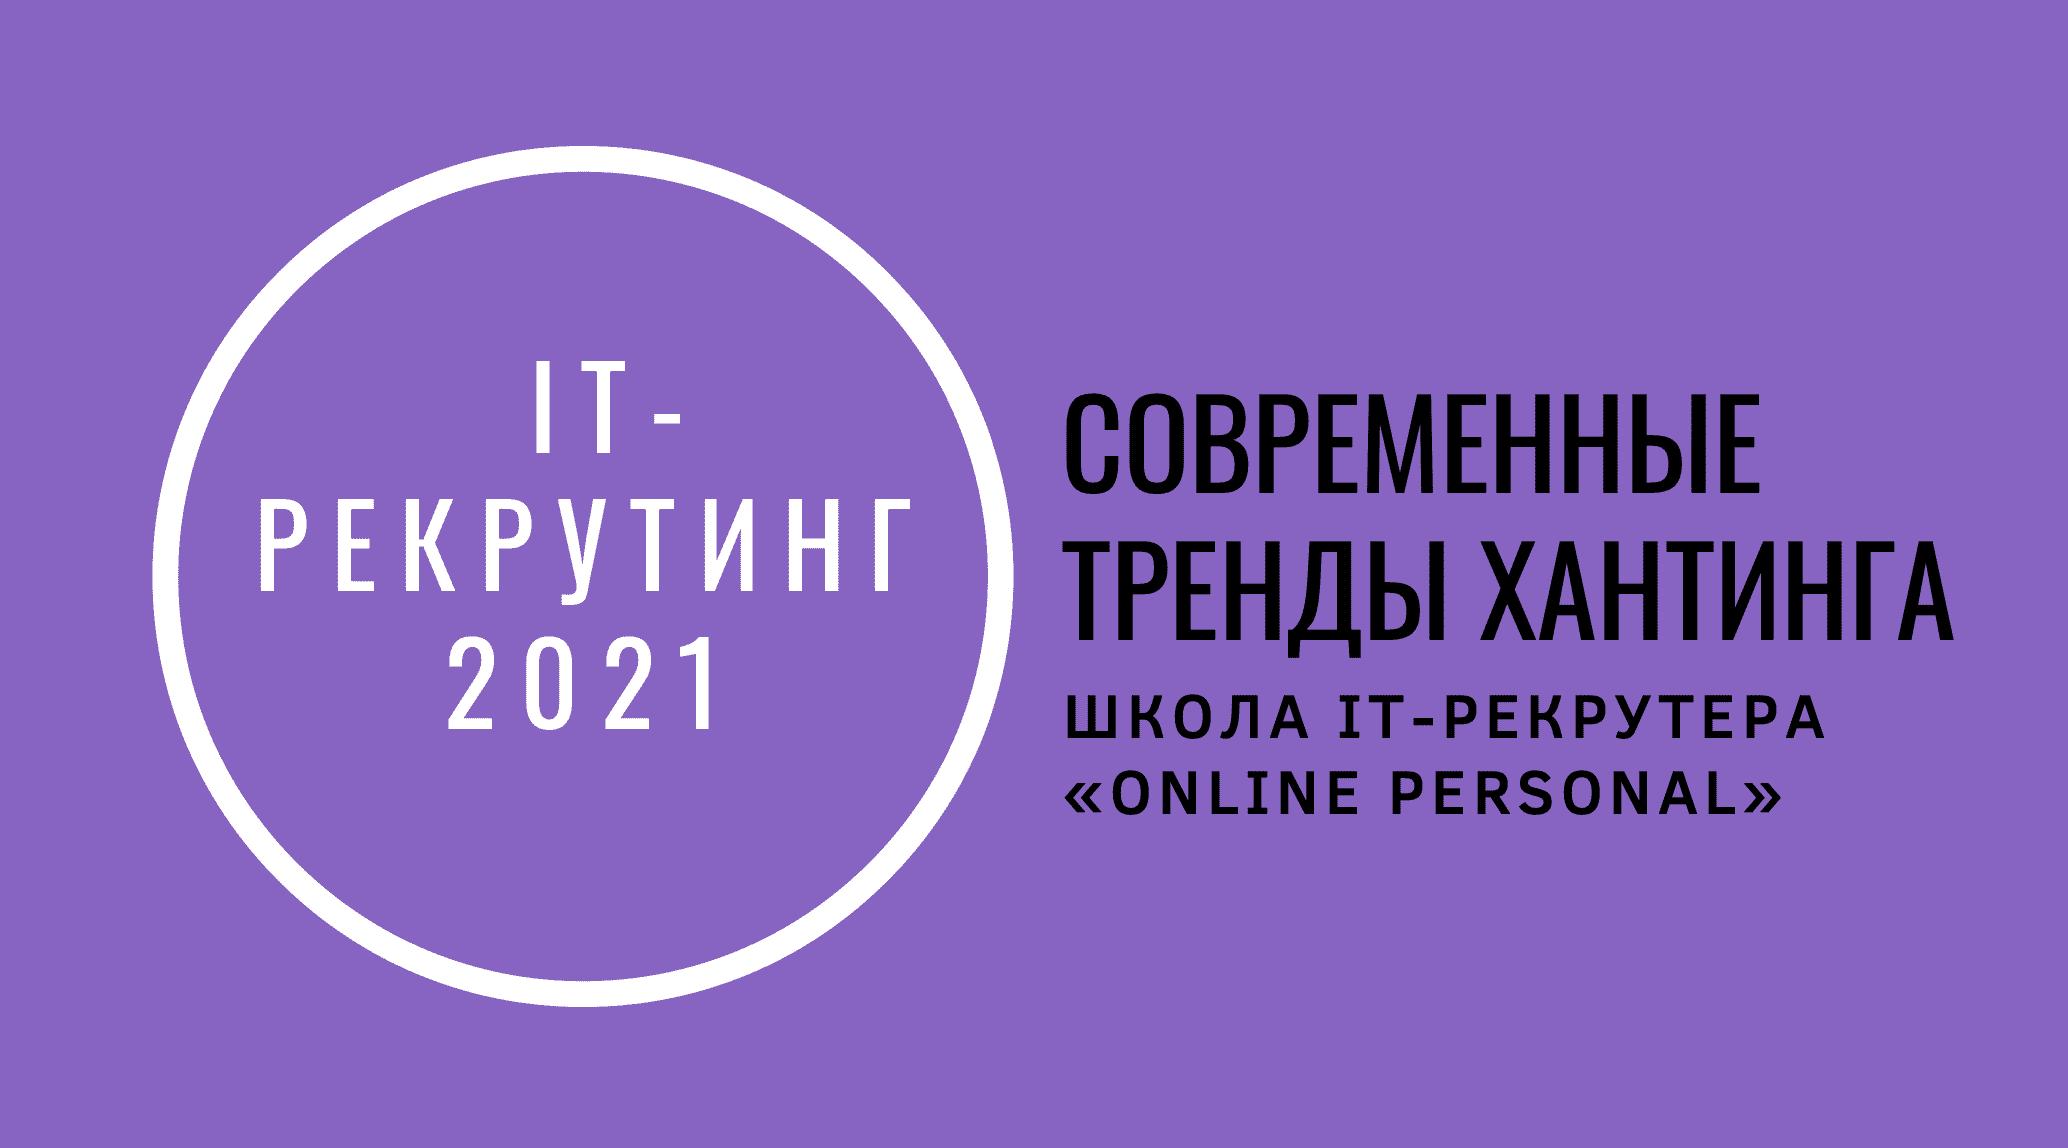 Современные тренды IT-рекрутинг 2021